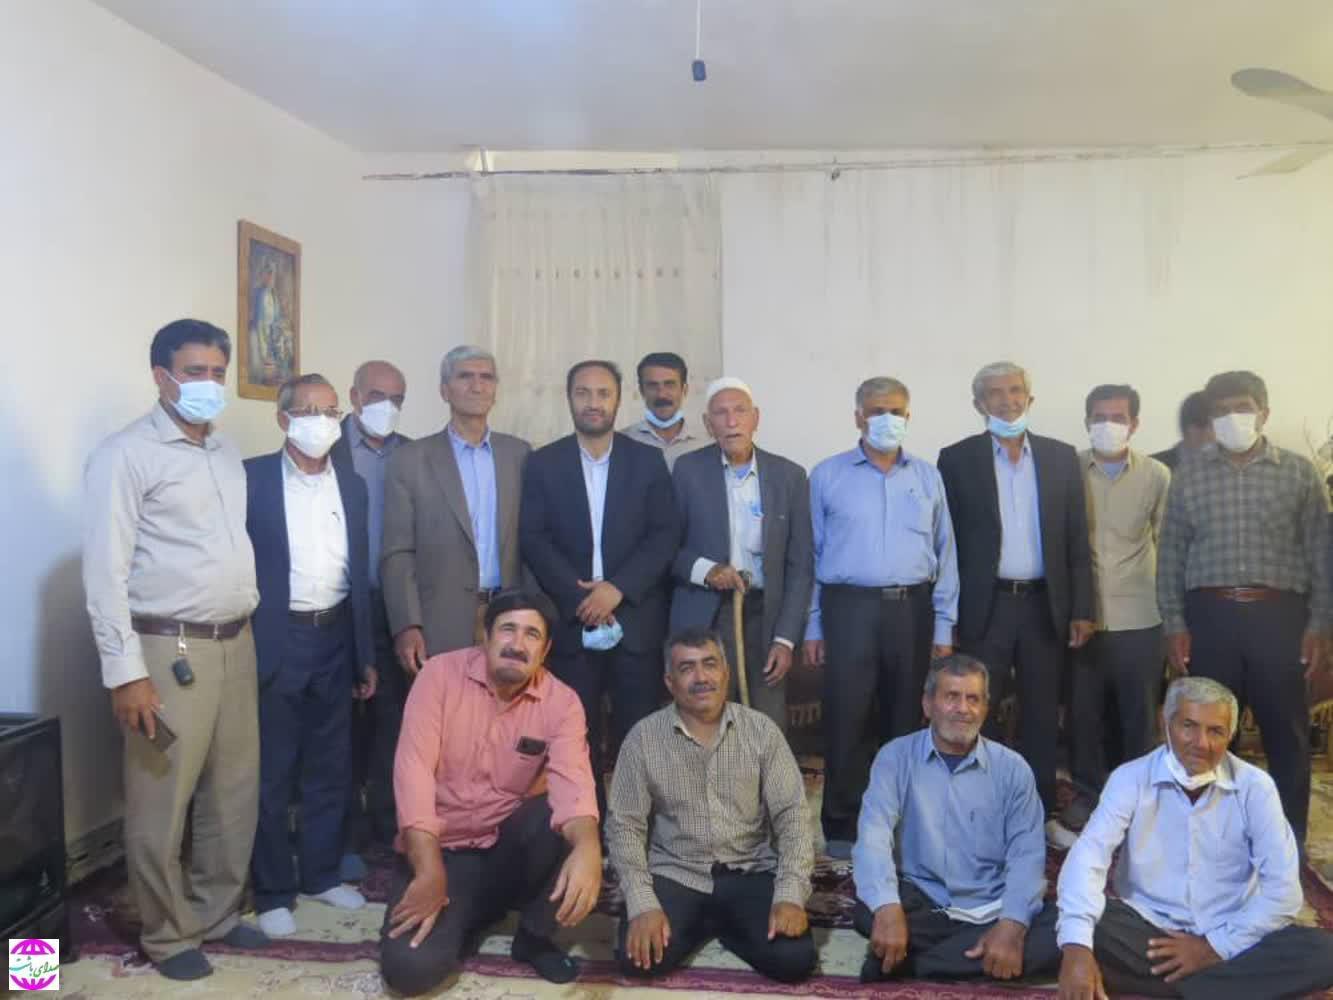 گزارش تصویری از حمایت طوایف غیور جلیل از دکتر ریحان محمدپور